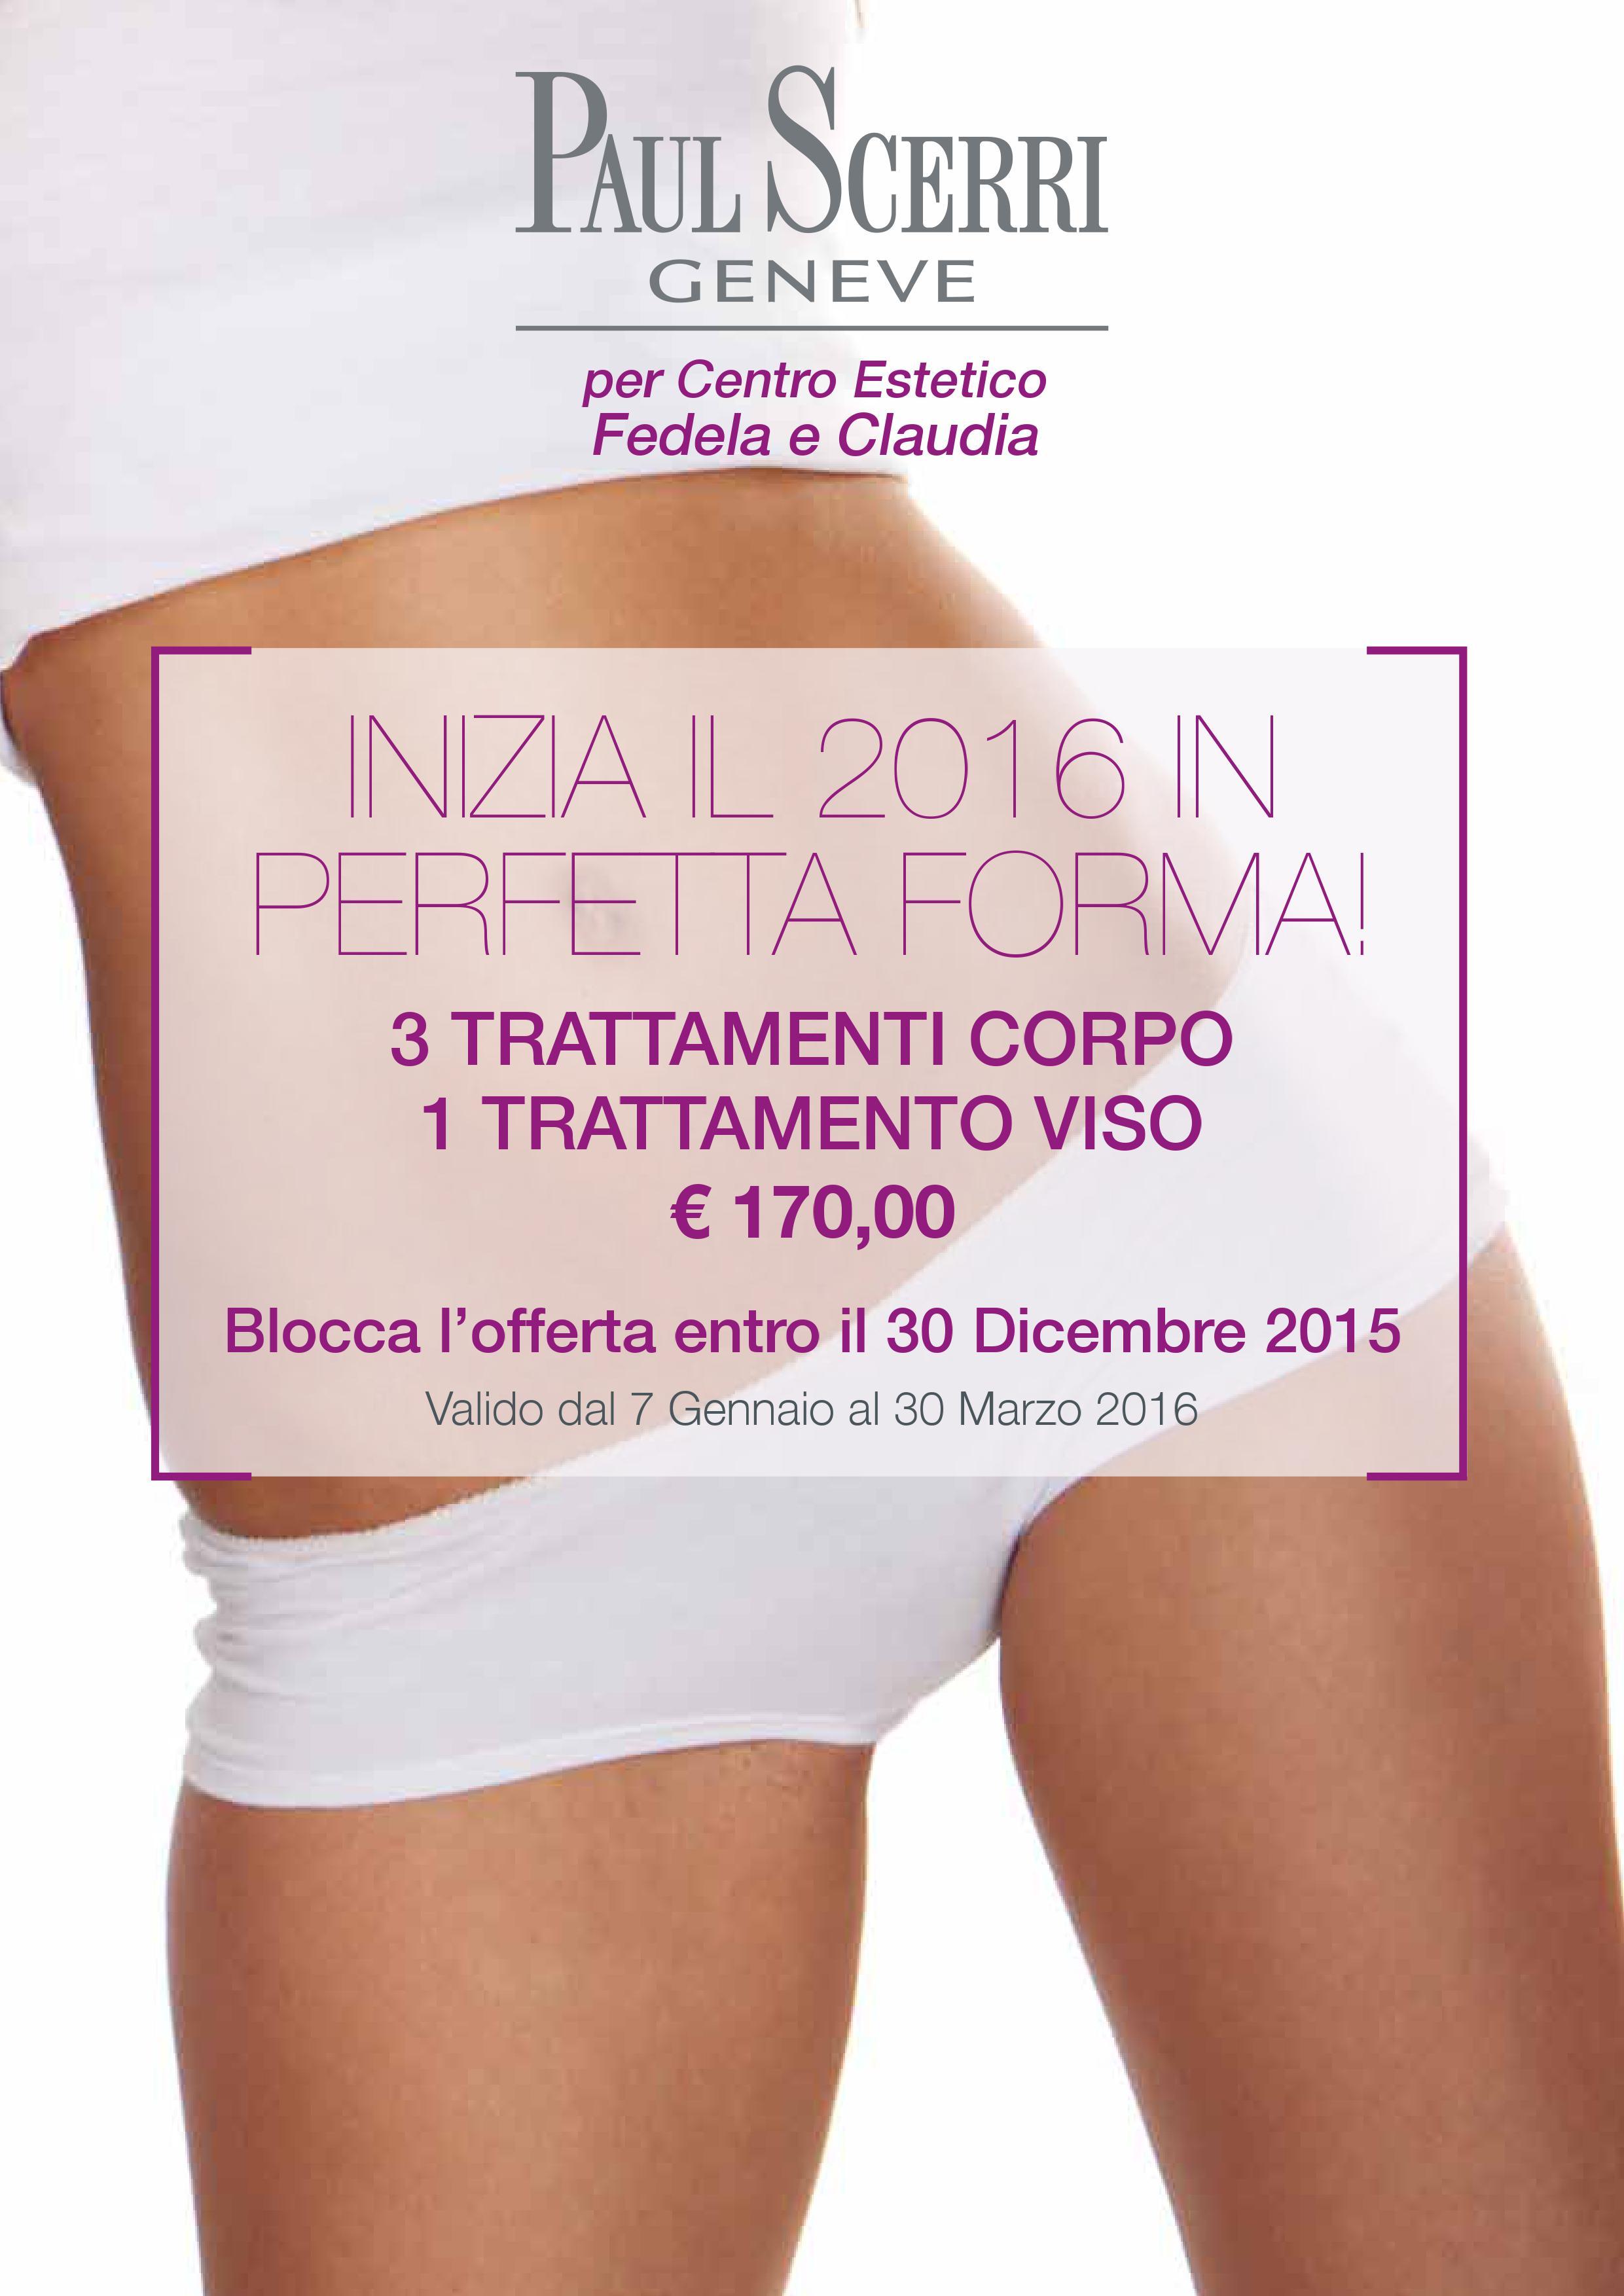 inizia il 2016 in perfetta forma. Attiva l'offerta presso il nostro centro di Cagliari in via Rossini 48 A o chiama per prenotare il trattamento allo 070494984.